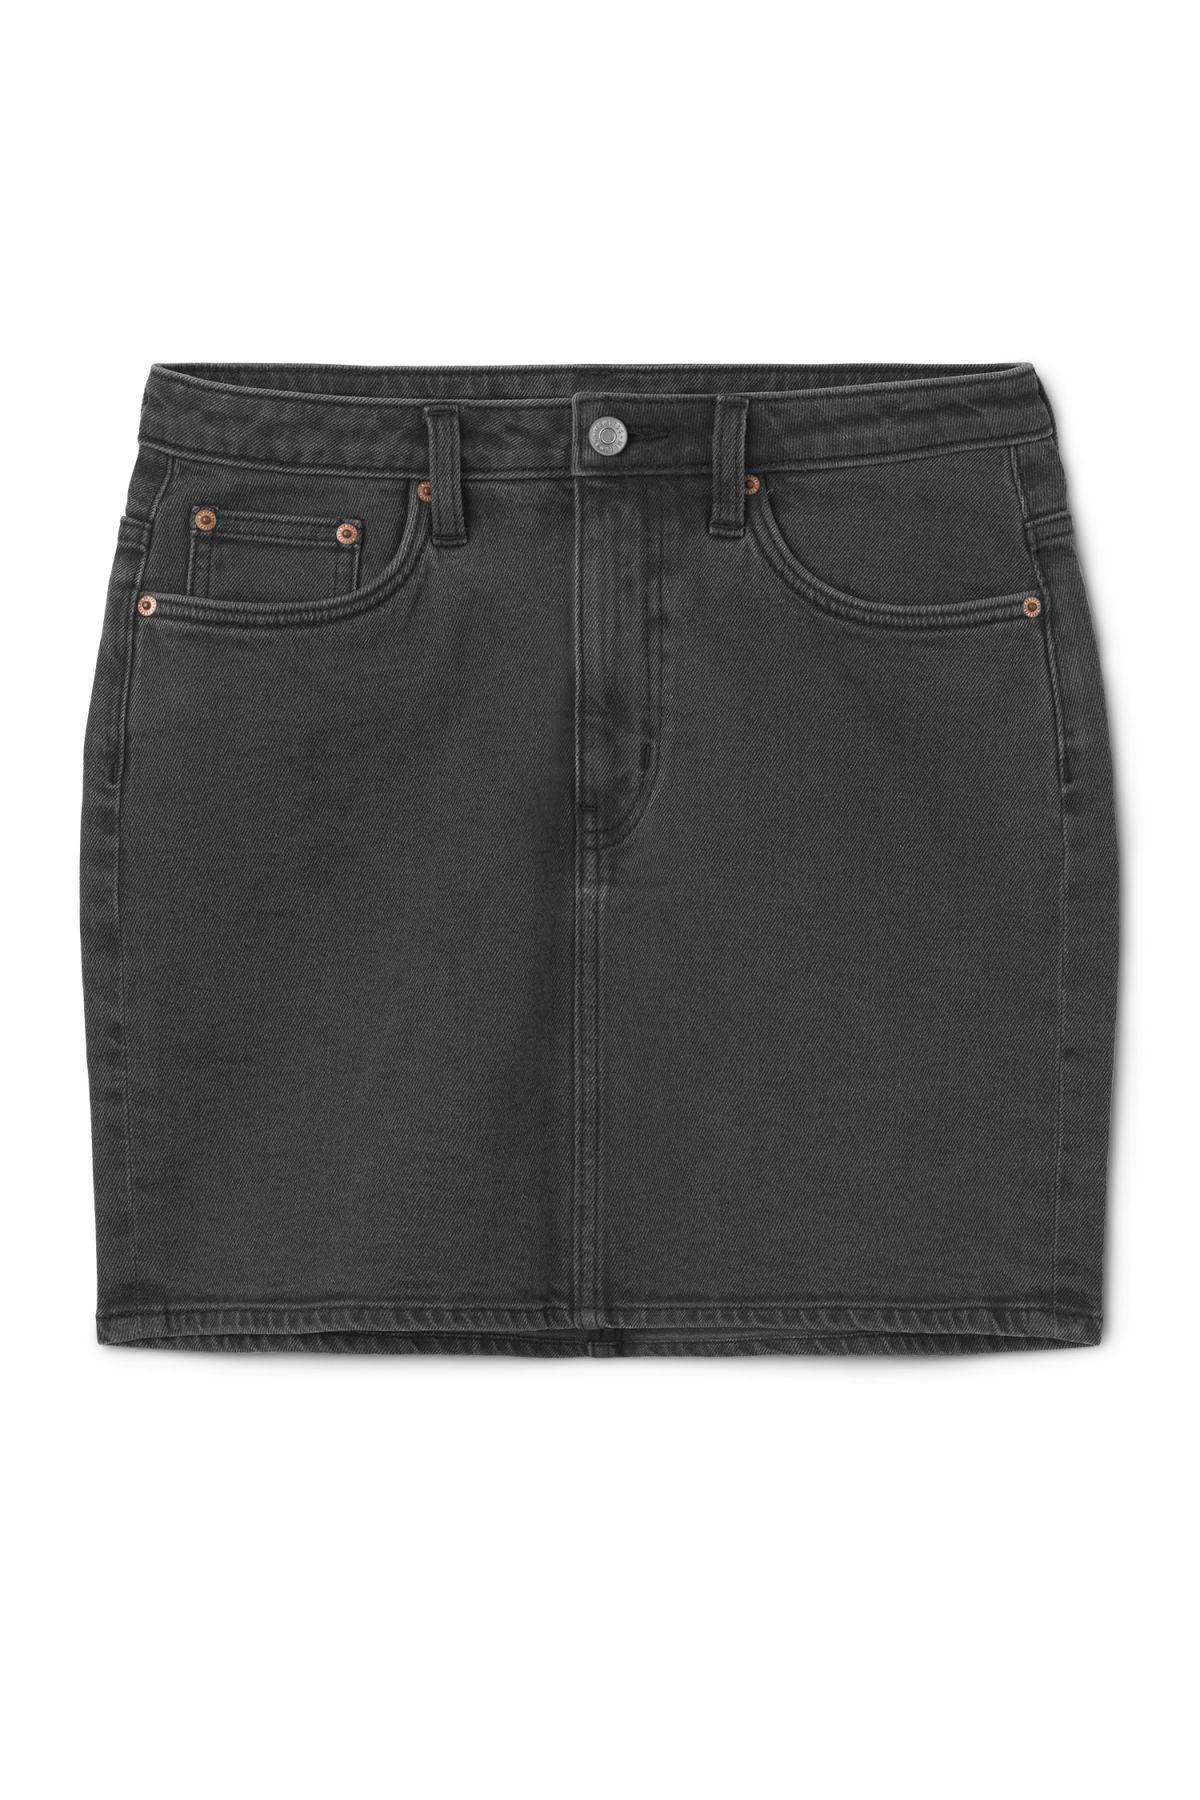 Wend Denim Skirt Black Favor - Black